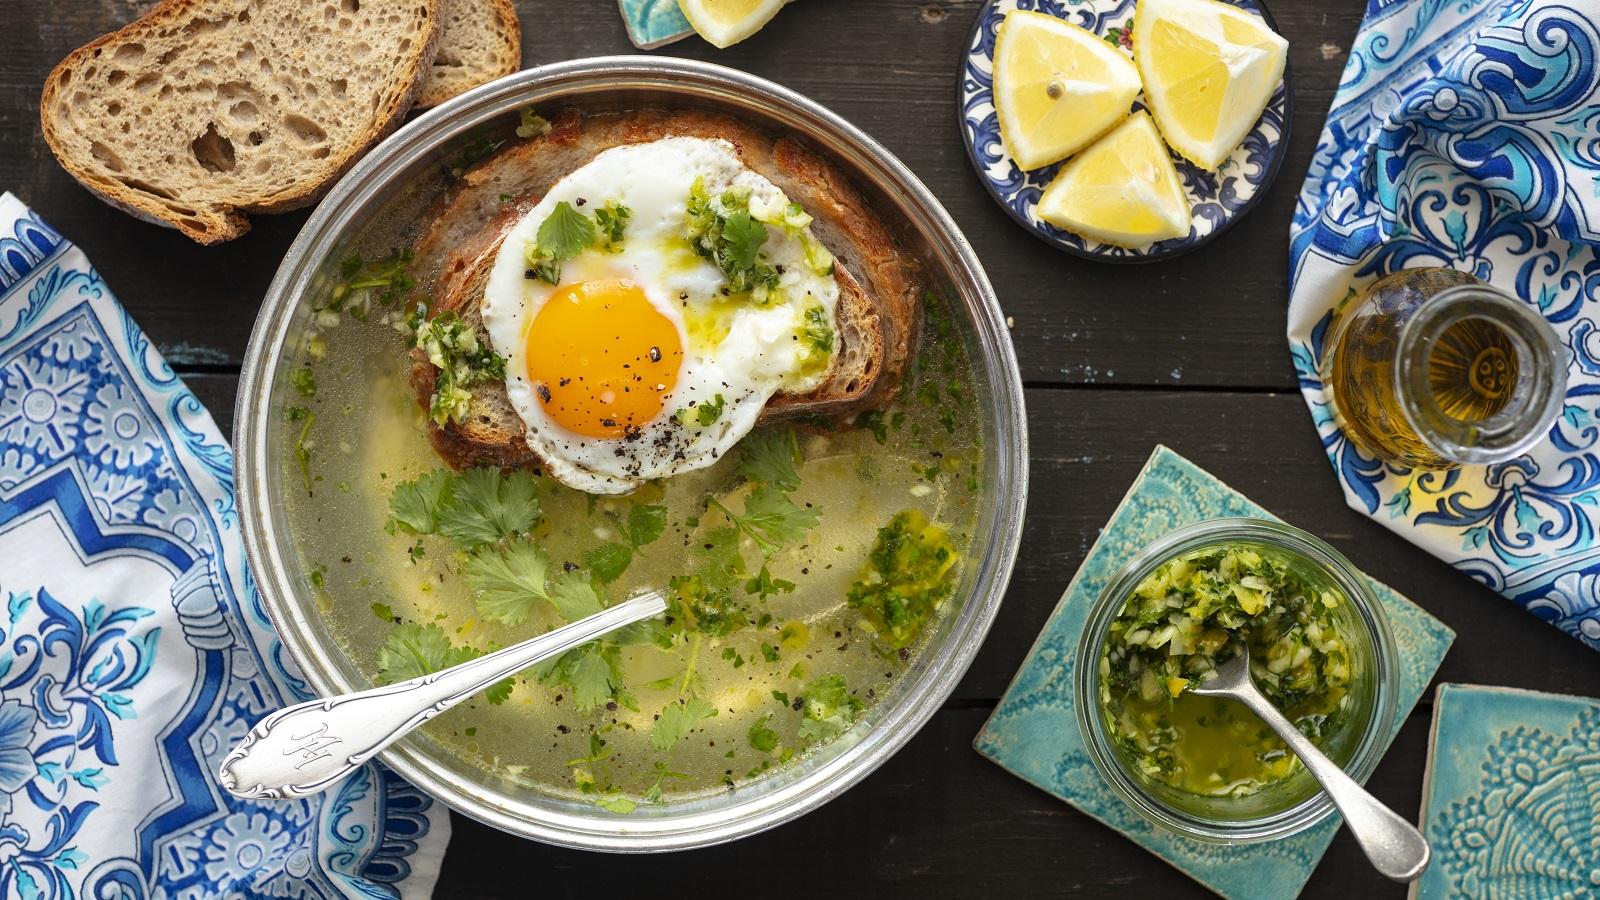 Eine Schüssel Sopa Alentejana neben einer kleinen Glasschüssel mit einer Knoblauch-Koriander-Paste, einer Karaffe mit Olivenöl, einem Teller mit Zitronenstücken und zwei Scheiben Brot, vor einem Holz-Hintergrund, von oben.